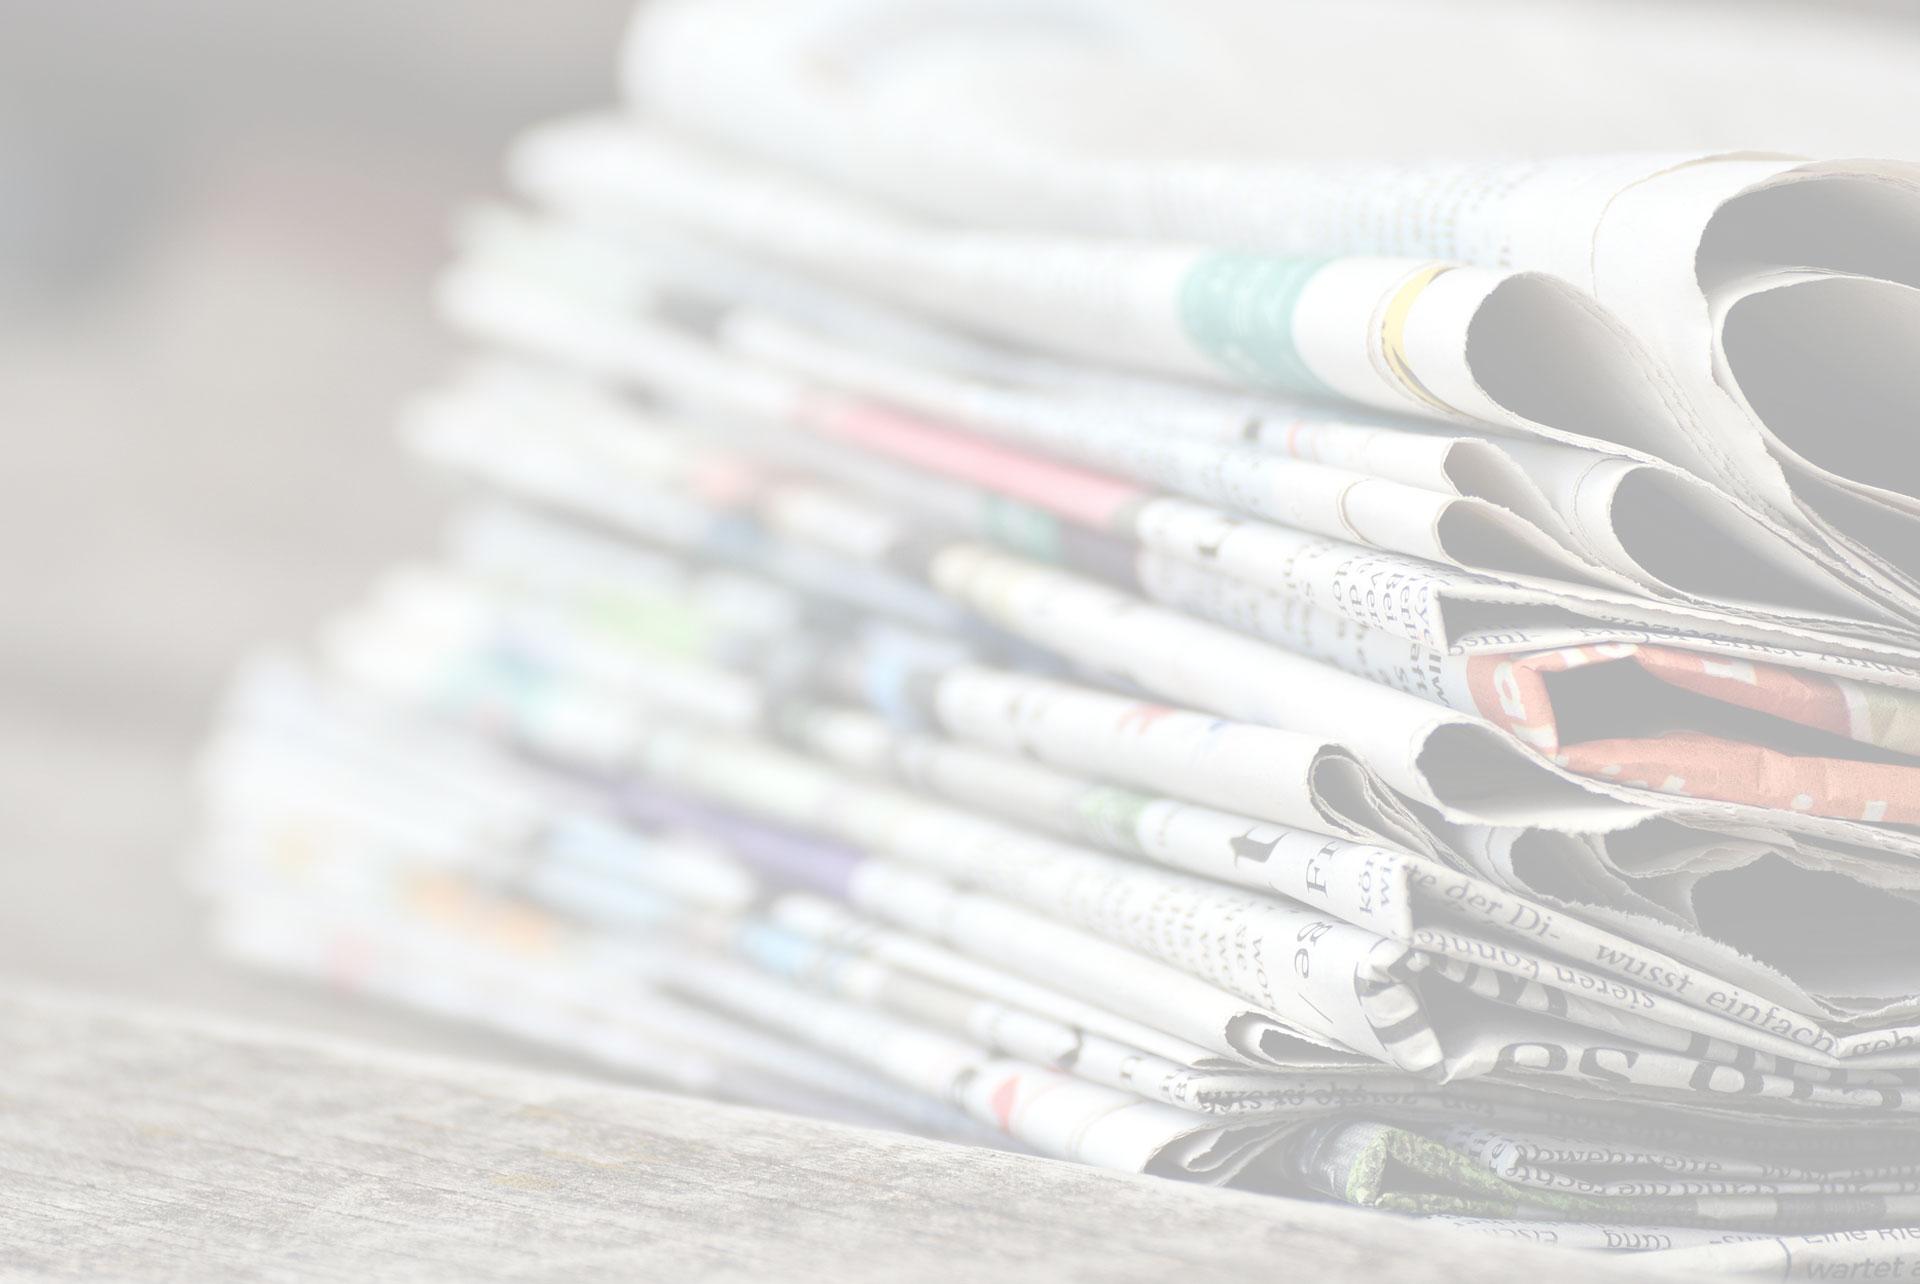 targhe europee